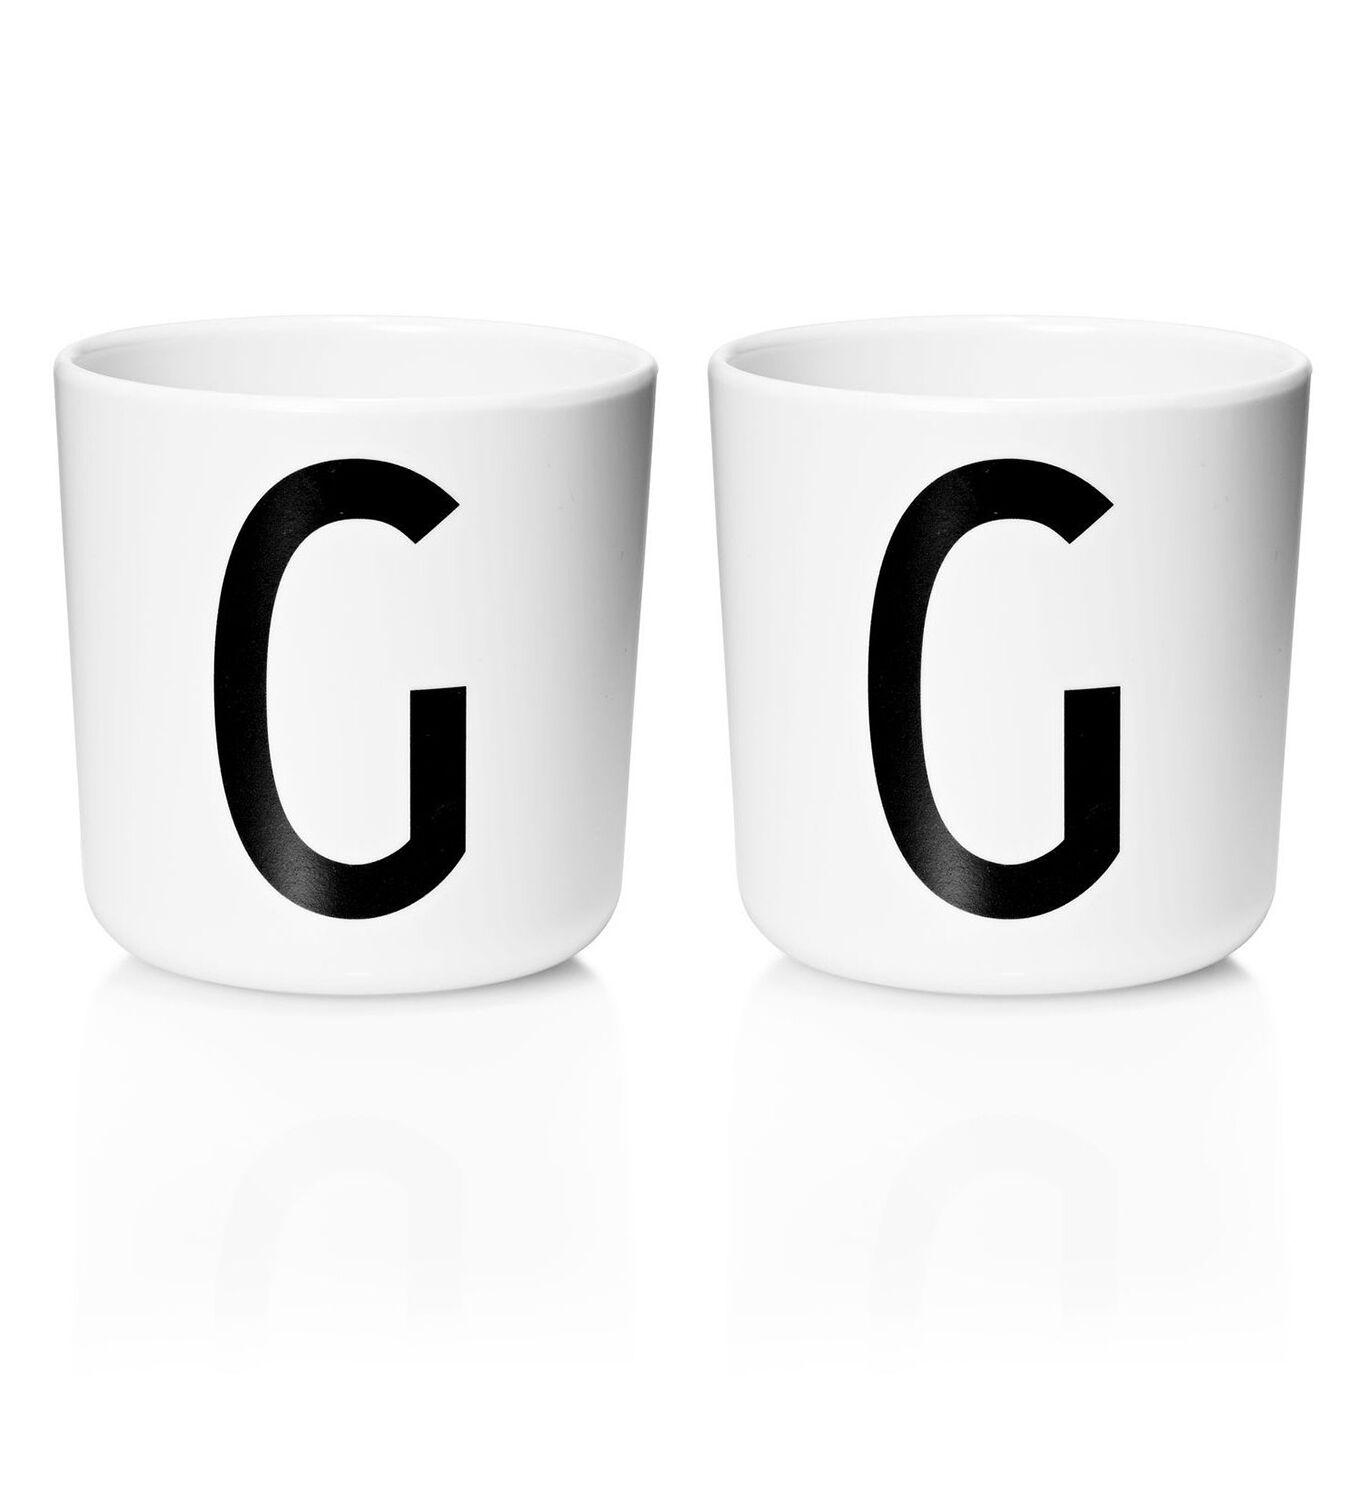 Design Letters - Personal Melamine Cup G - 2 pcs - White - (Bundle)